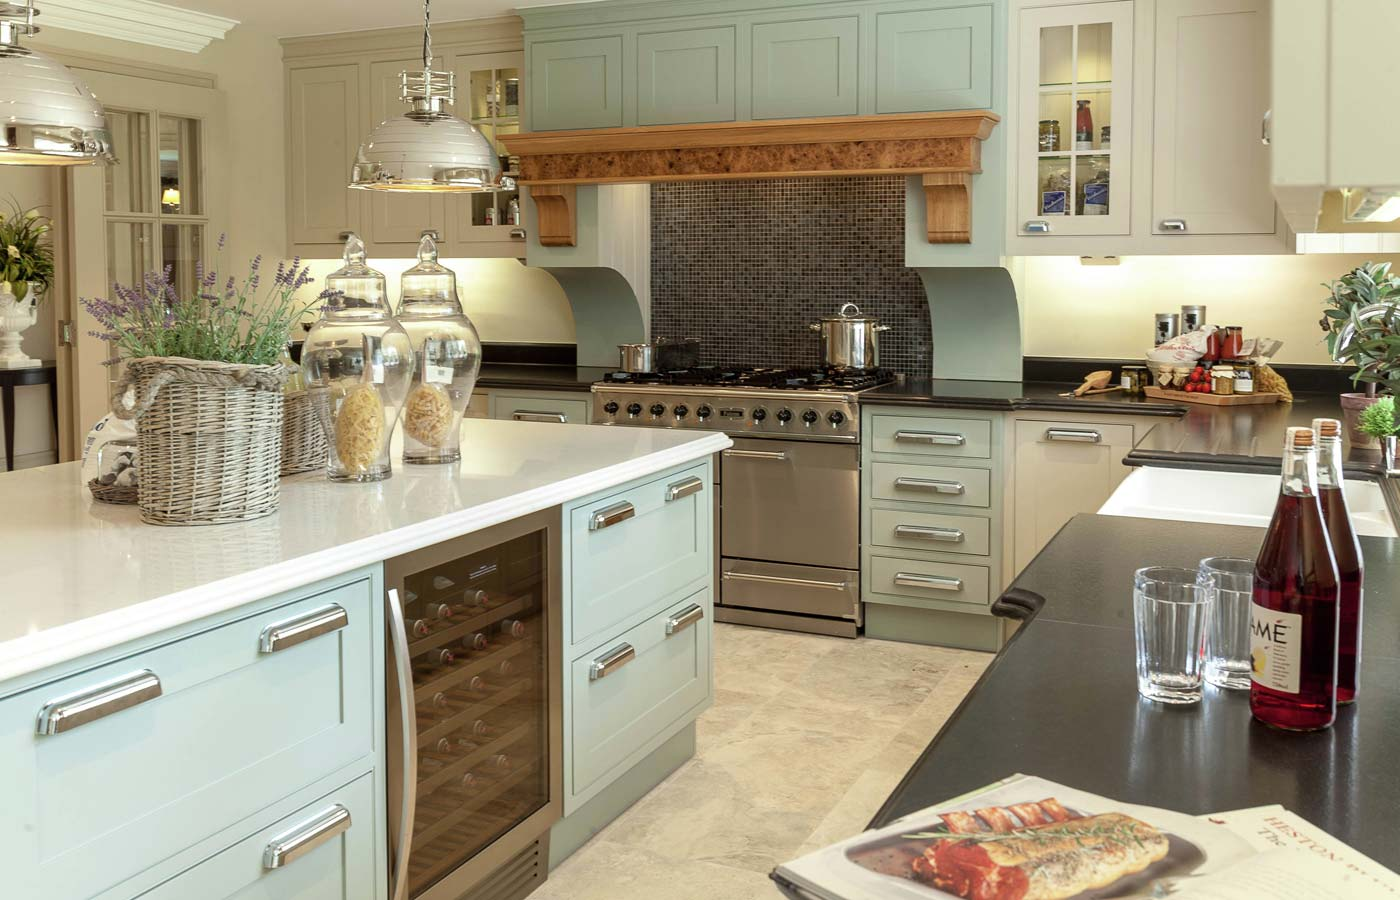 Millgate Homes Kitchens